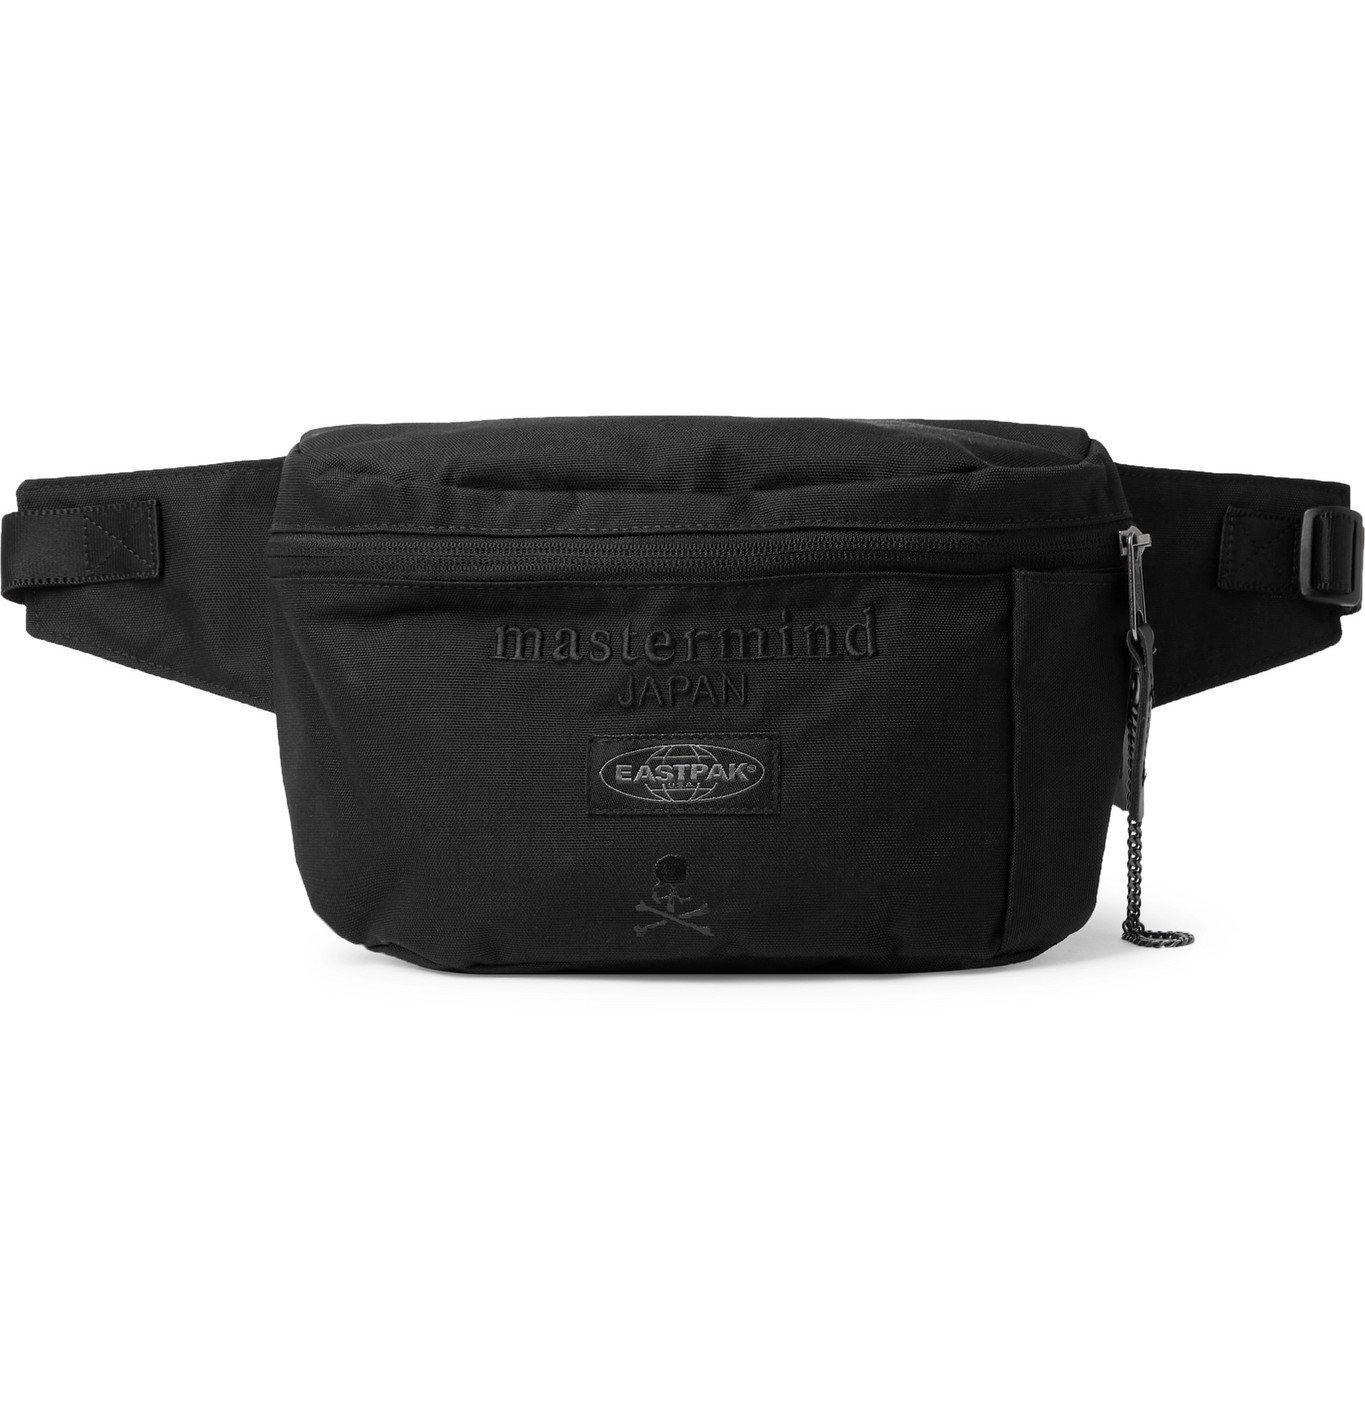 Photo: MASTERMIND WORLD - Eastpak Bane Logo-Embroidered Printed Appliquéd Canvas Belt Bag - Black